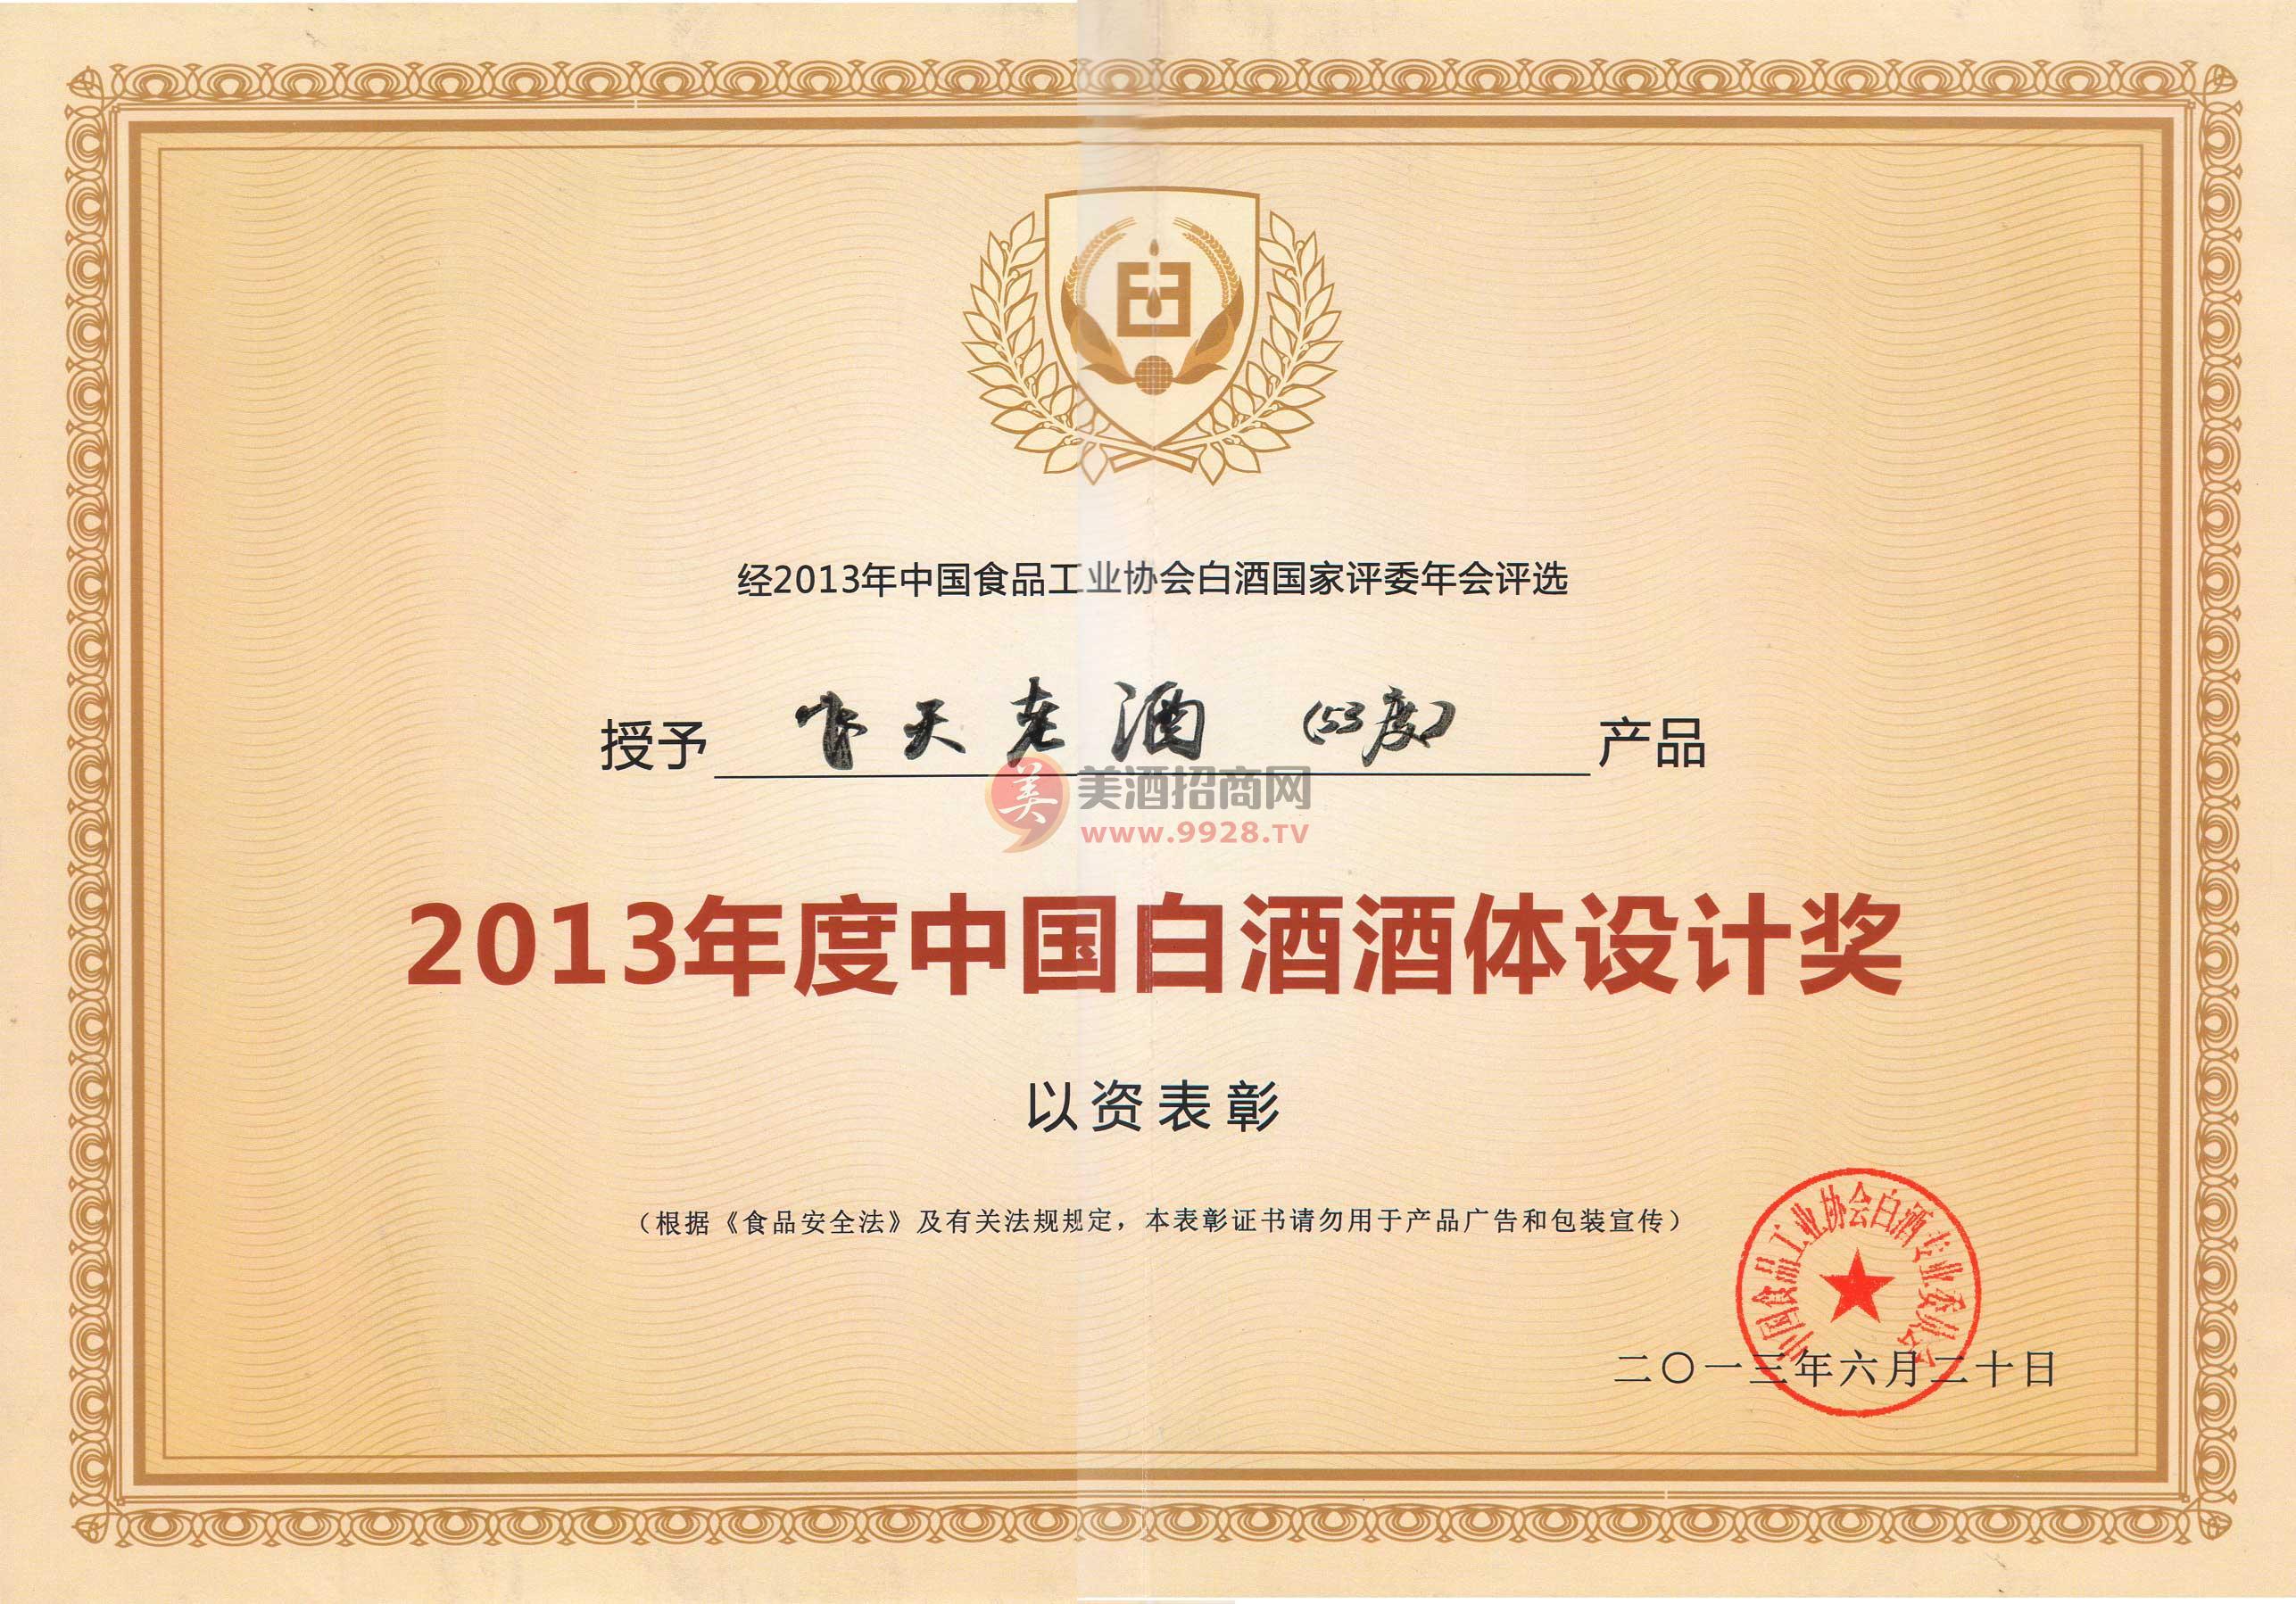 2013年度中国白酒酒体设计奖